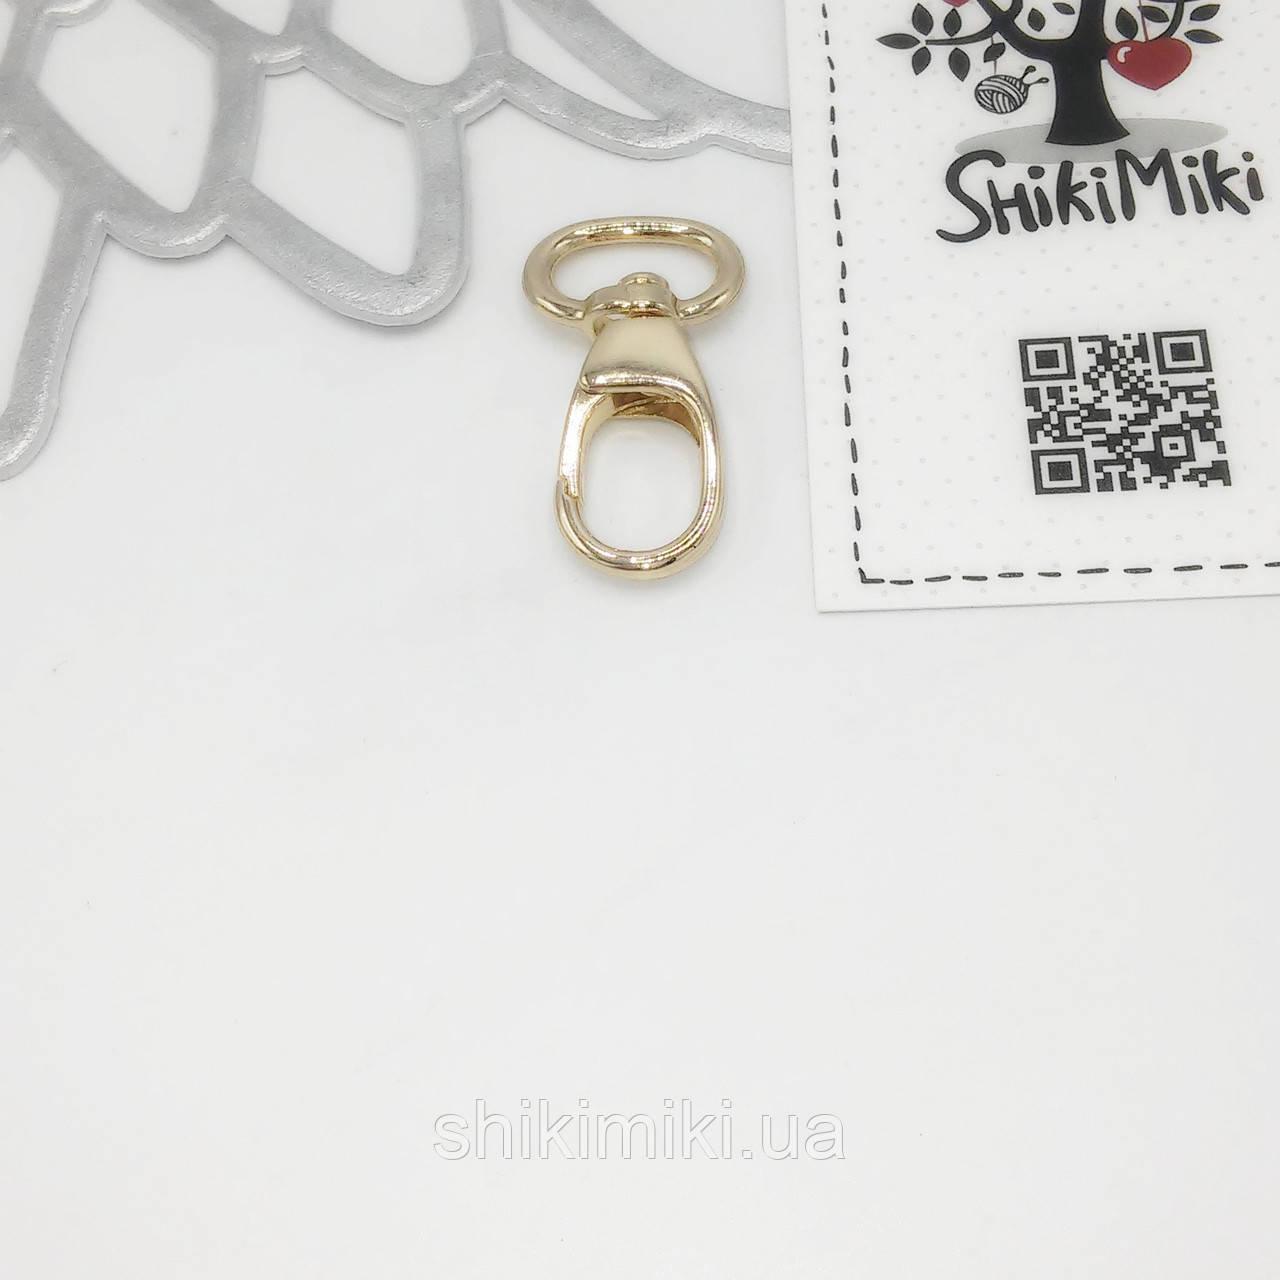 Карабин для сумок KR39-3 (15 мм), цвет золото